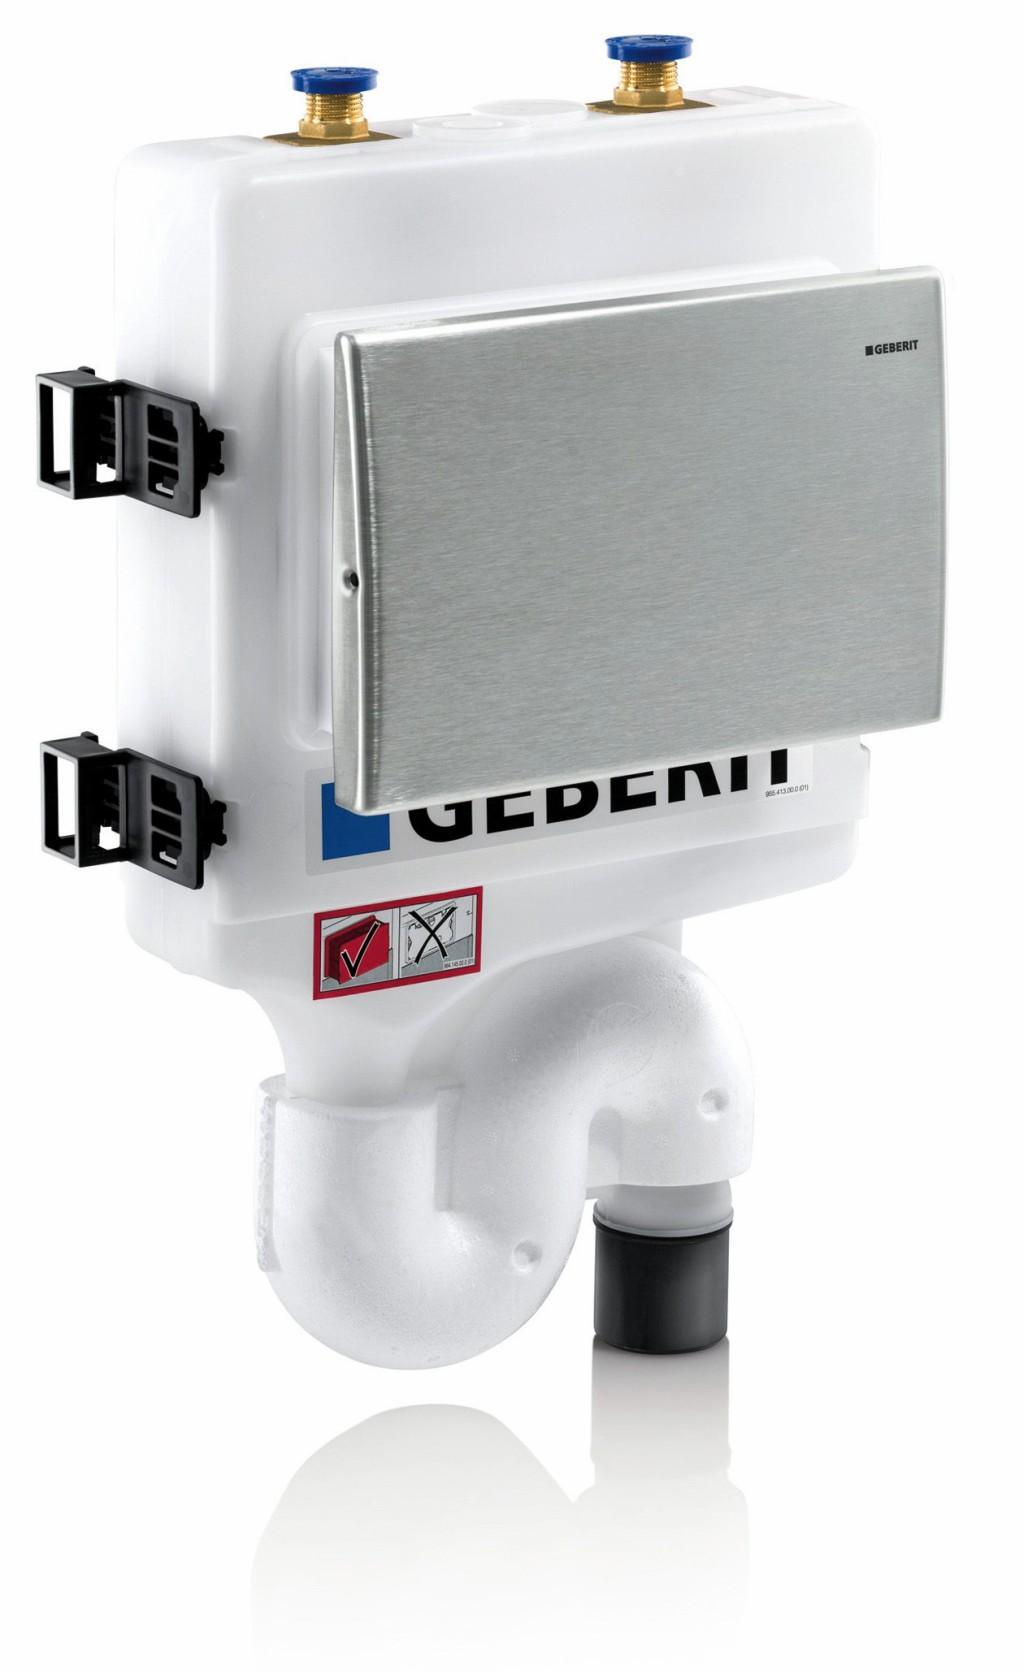 Die Geberit Hygienespülung sorgt für den bestimmungsgemäßen und sicheren Betrieb von Trinkwasser-Installationen. Sie erfüllt die Schallschutzanforderungen nach VDI 4100 und DIN 4109 sowie die Geräuscharmaturenklasse gemäß EN ISO 3822–1. Bild: Geberit